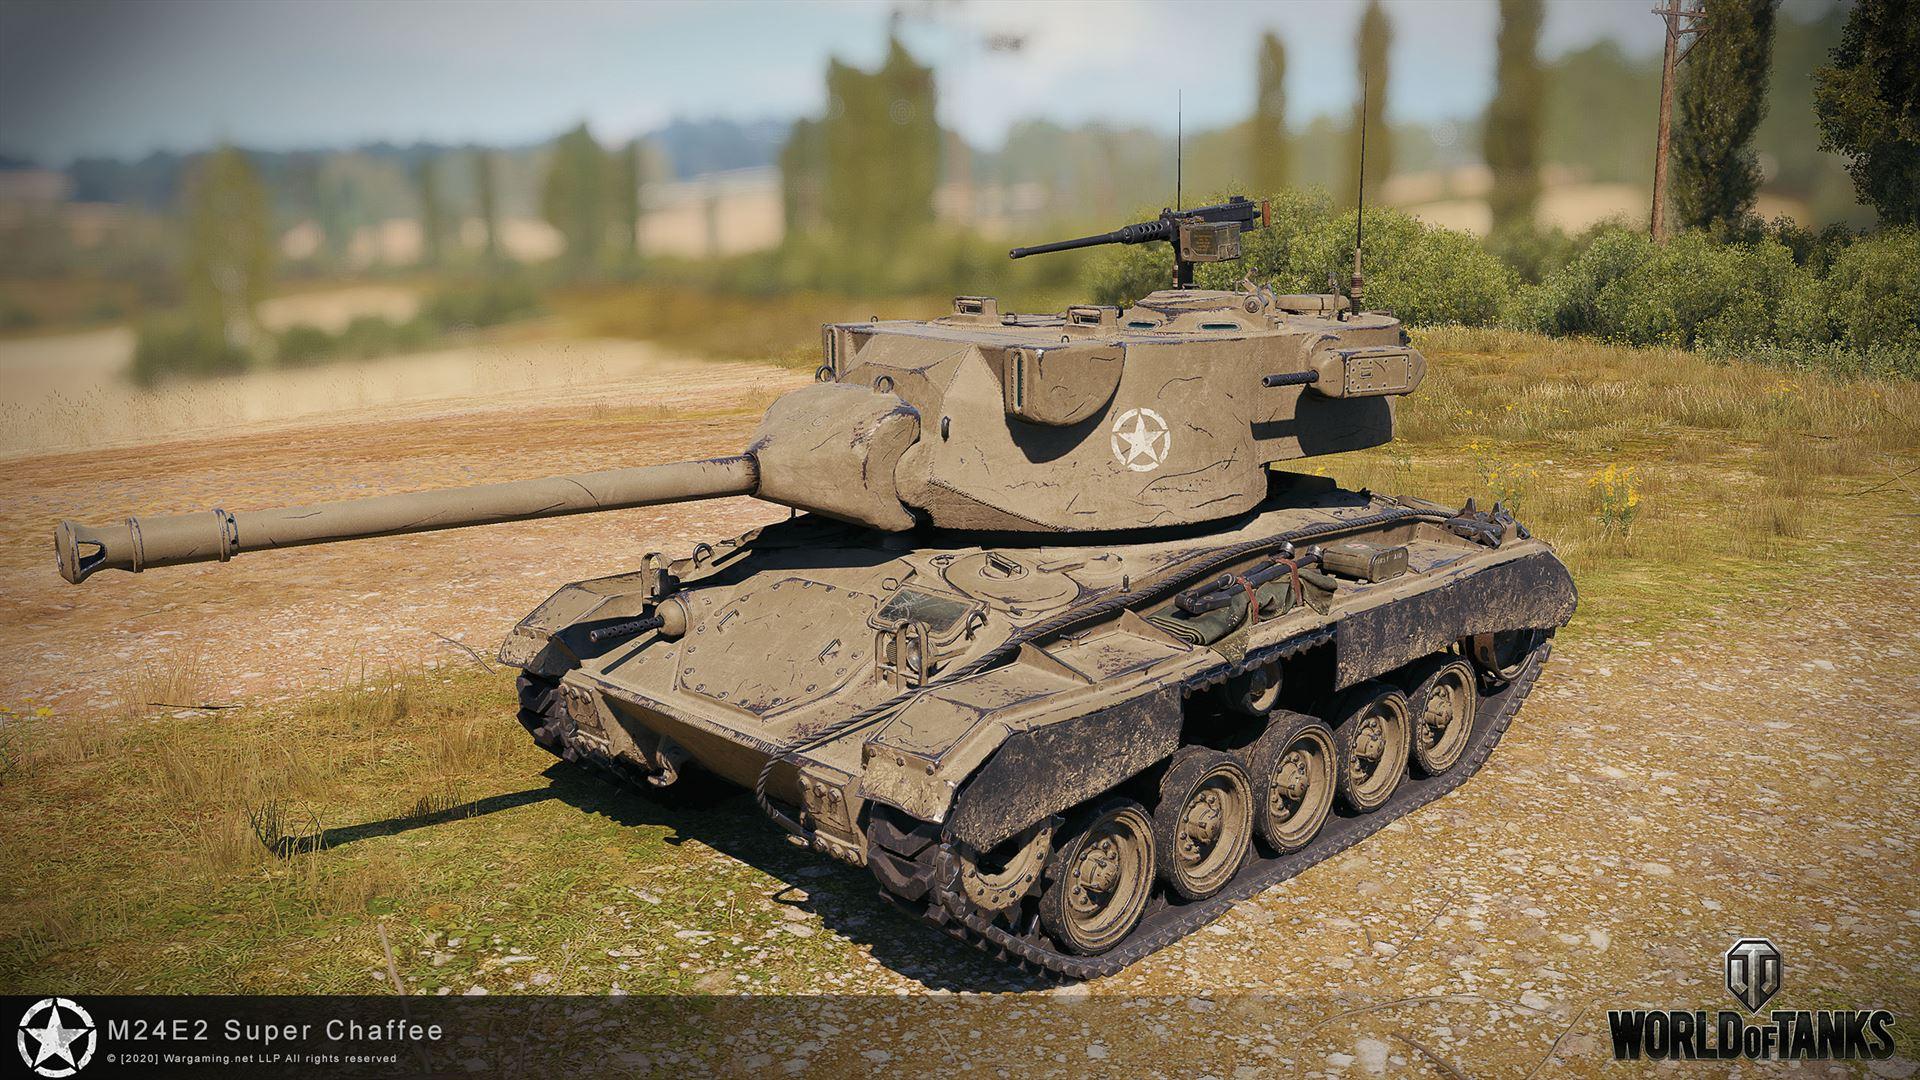 M24E2 5